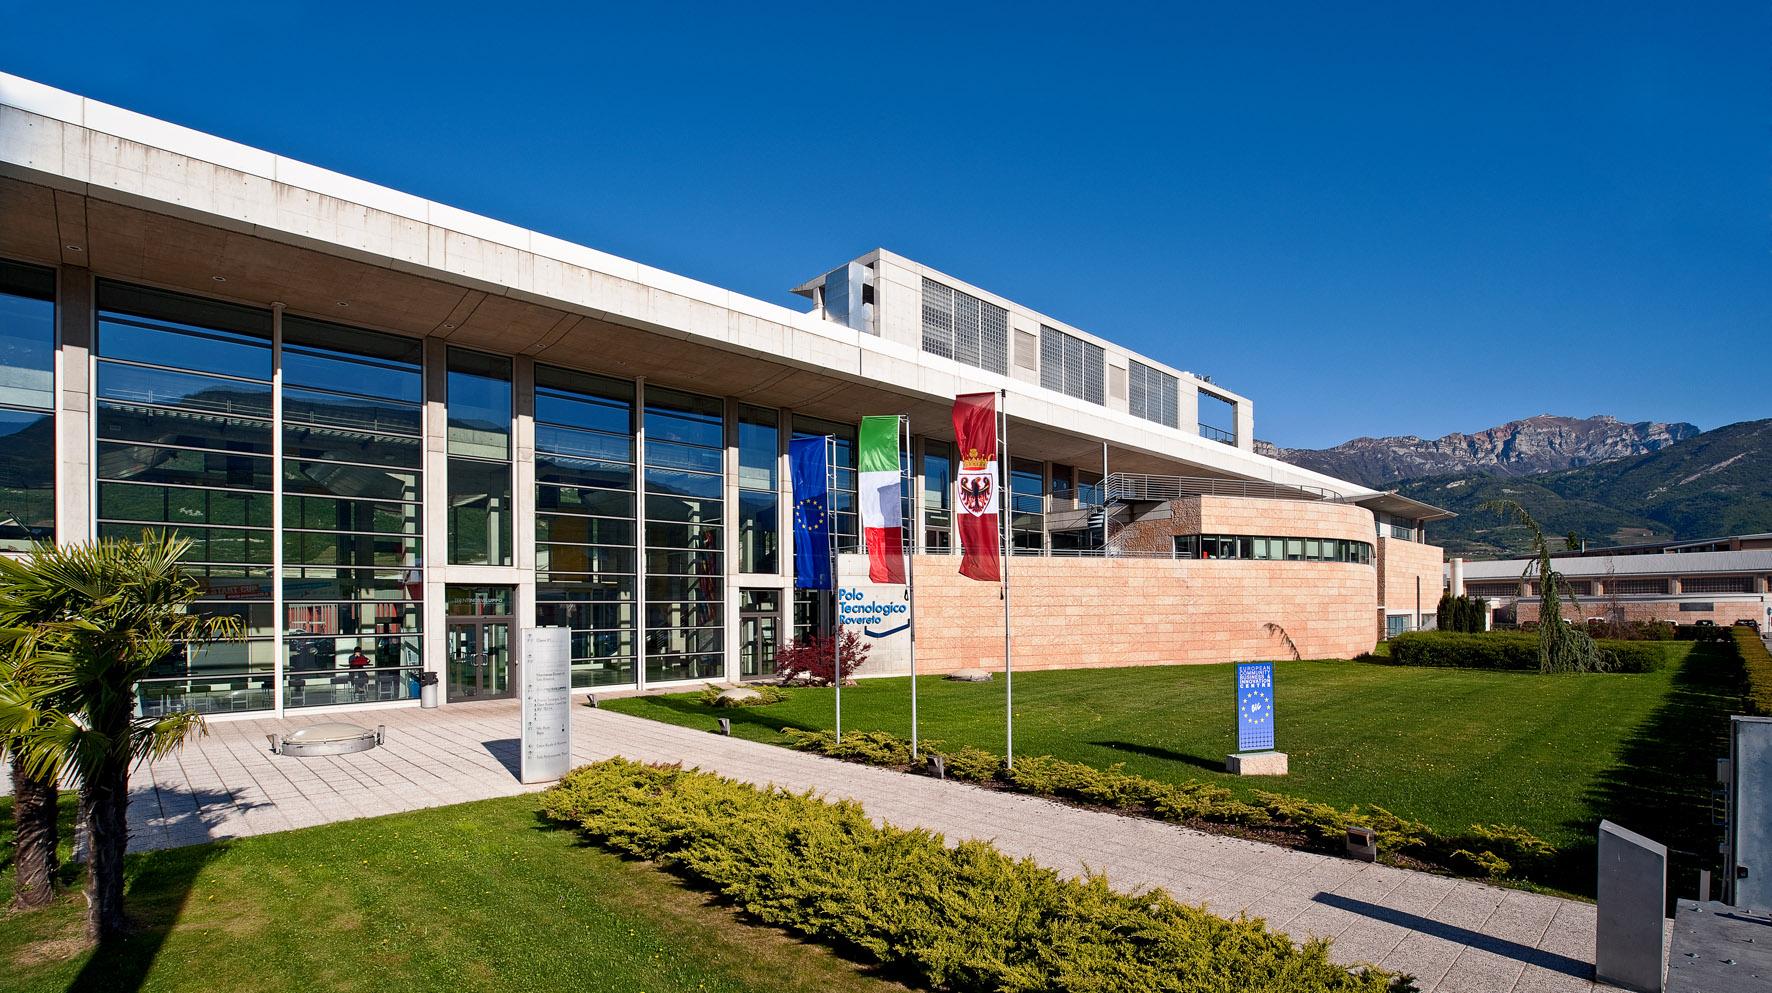 Veicoli connessi: a Rovereto il primo centro italiano ITS per la mobilità intelligente